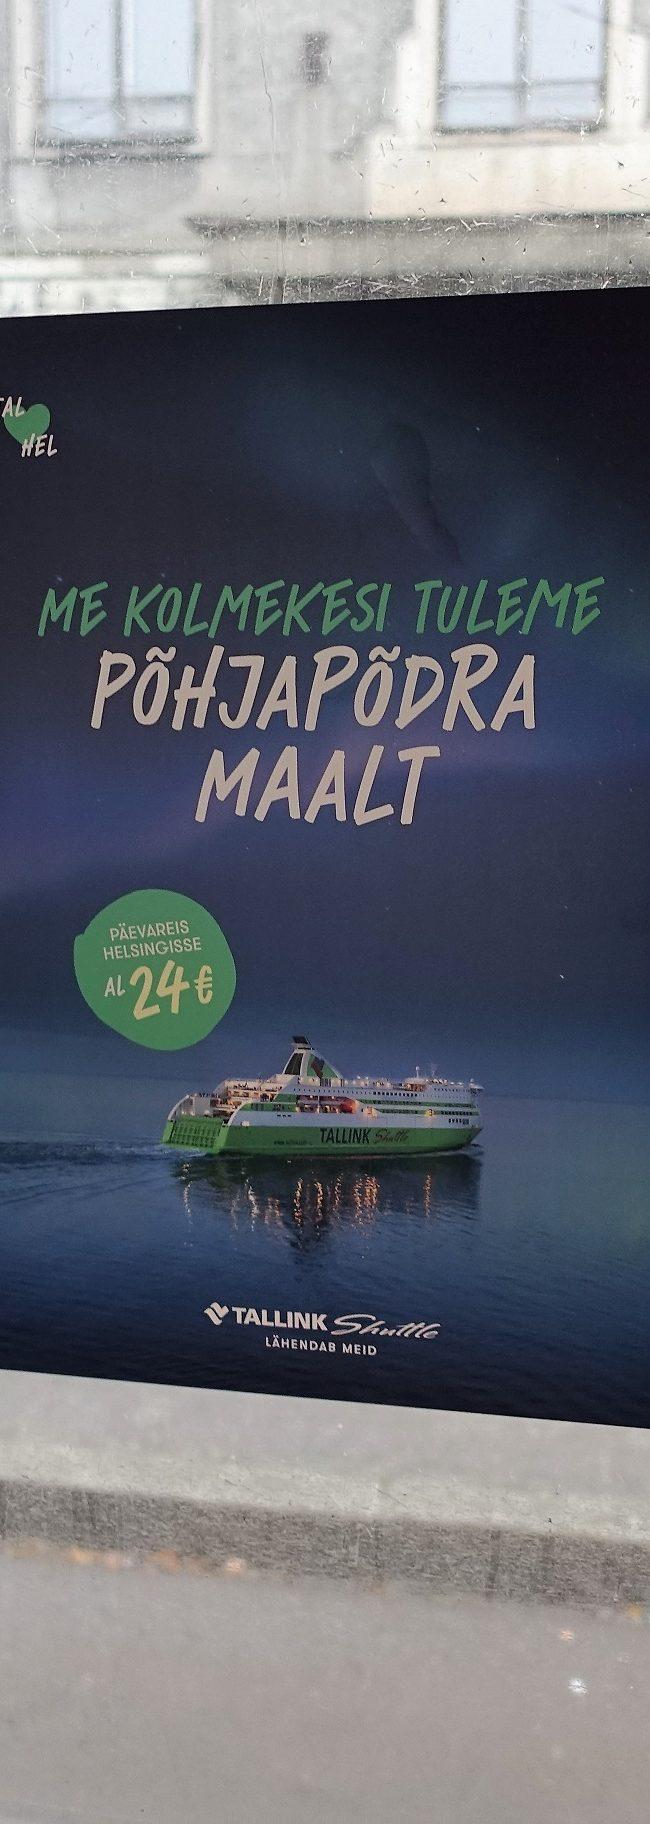 Tallink – kleebis ühistranspordis